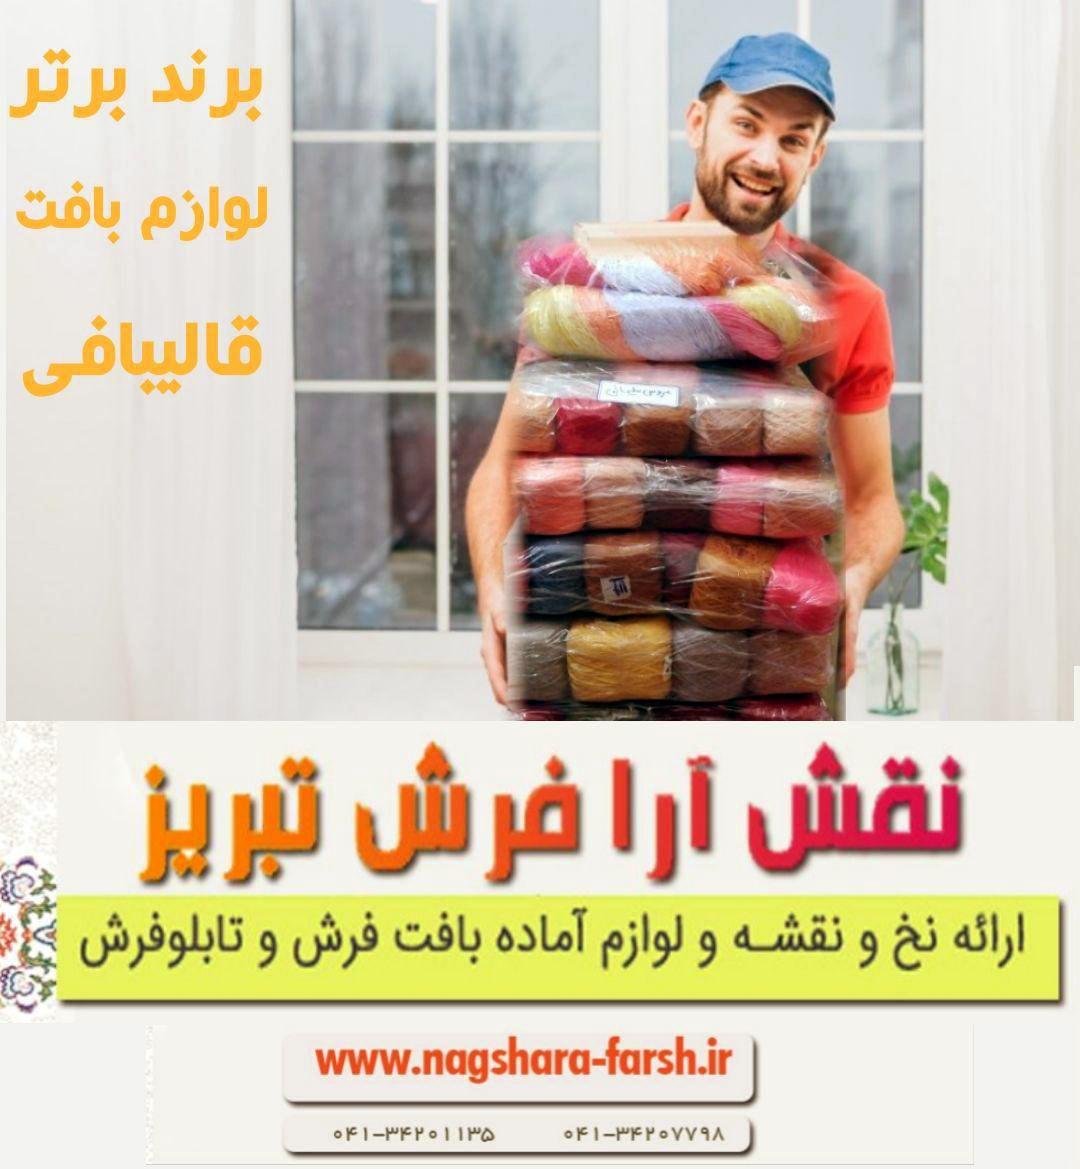 نقش آرا فرش تبریز